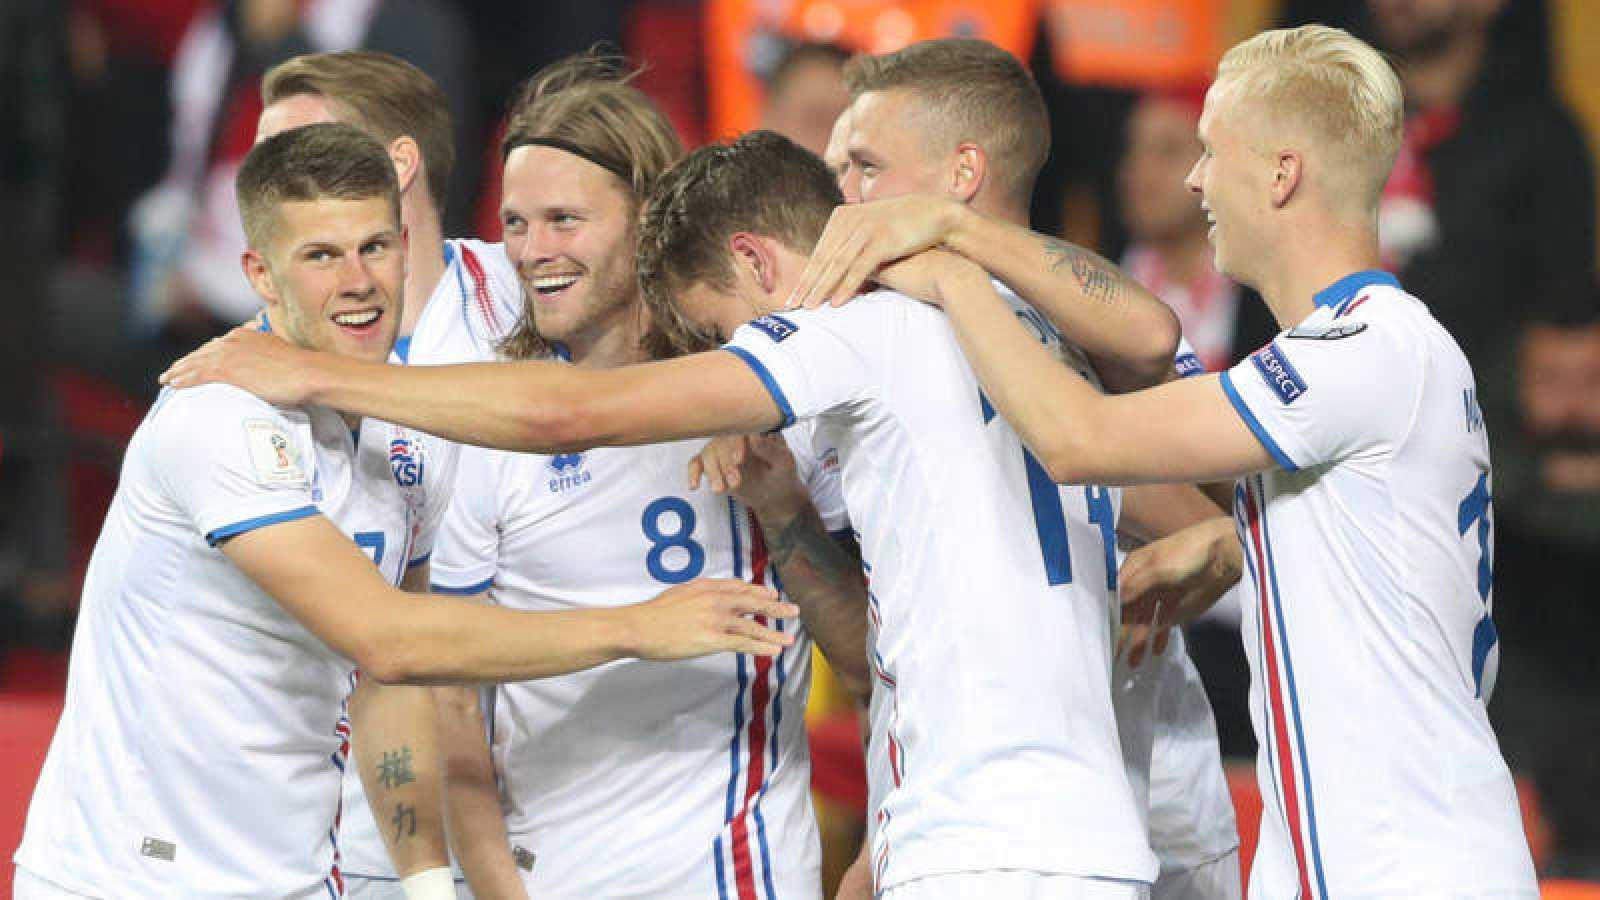 La selección de Islandia vence a Turquía